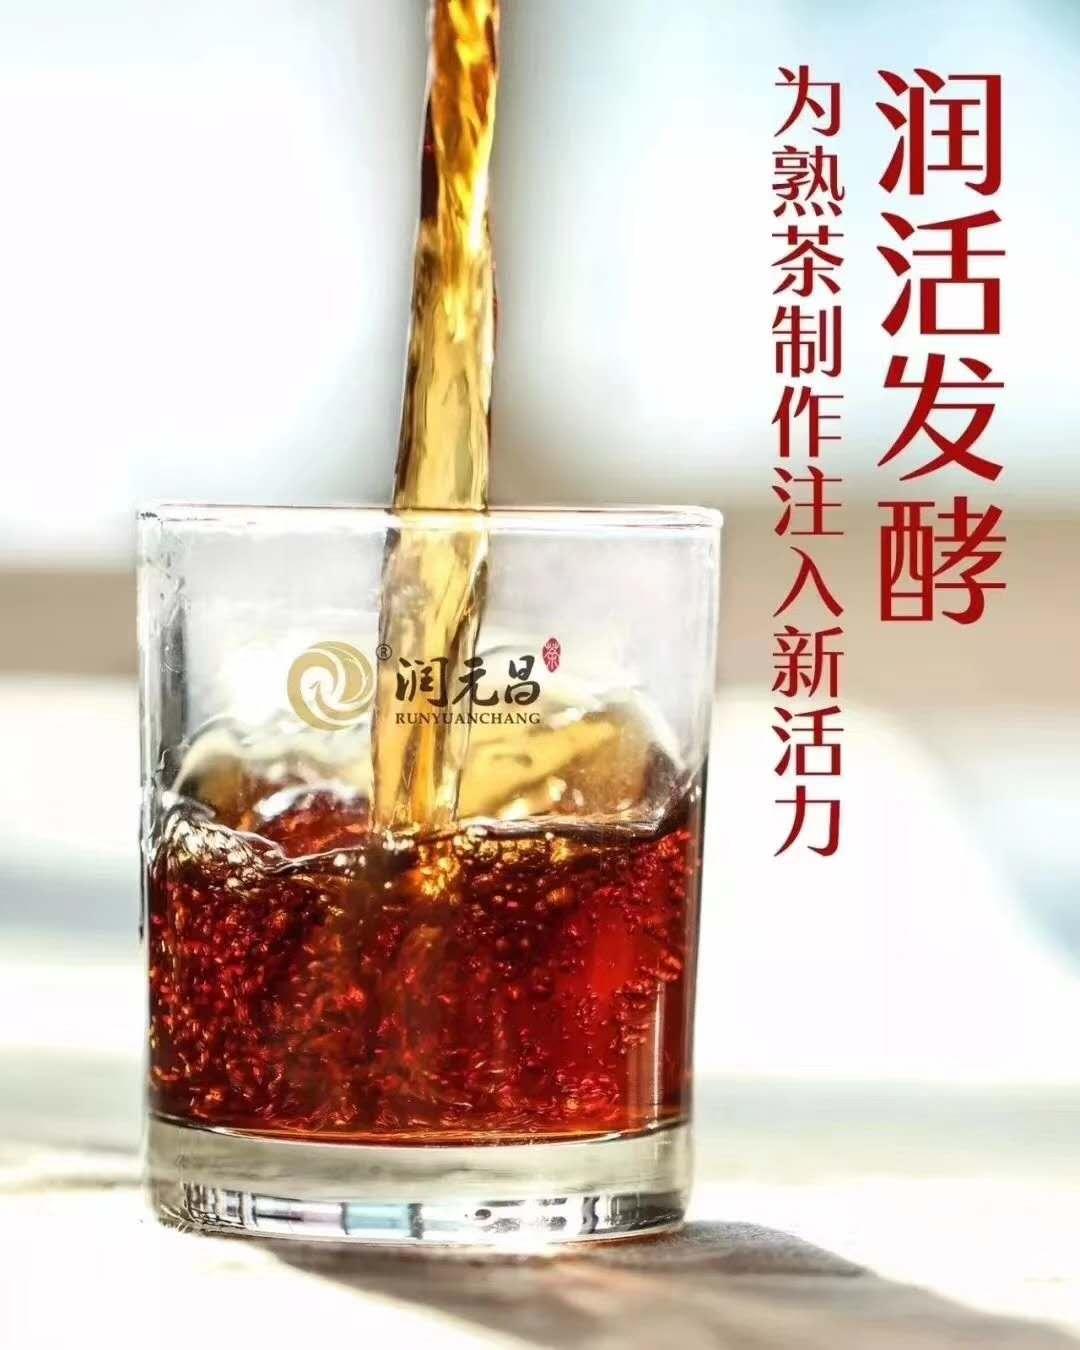 如何选择加盟普洱茶品牌,撬动茶界百亿市场-微信图片_20190417164428